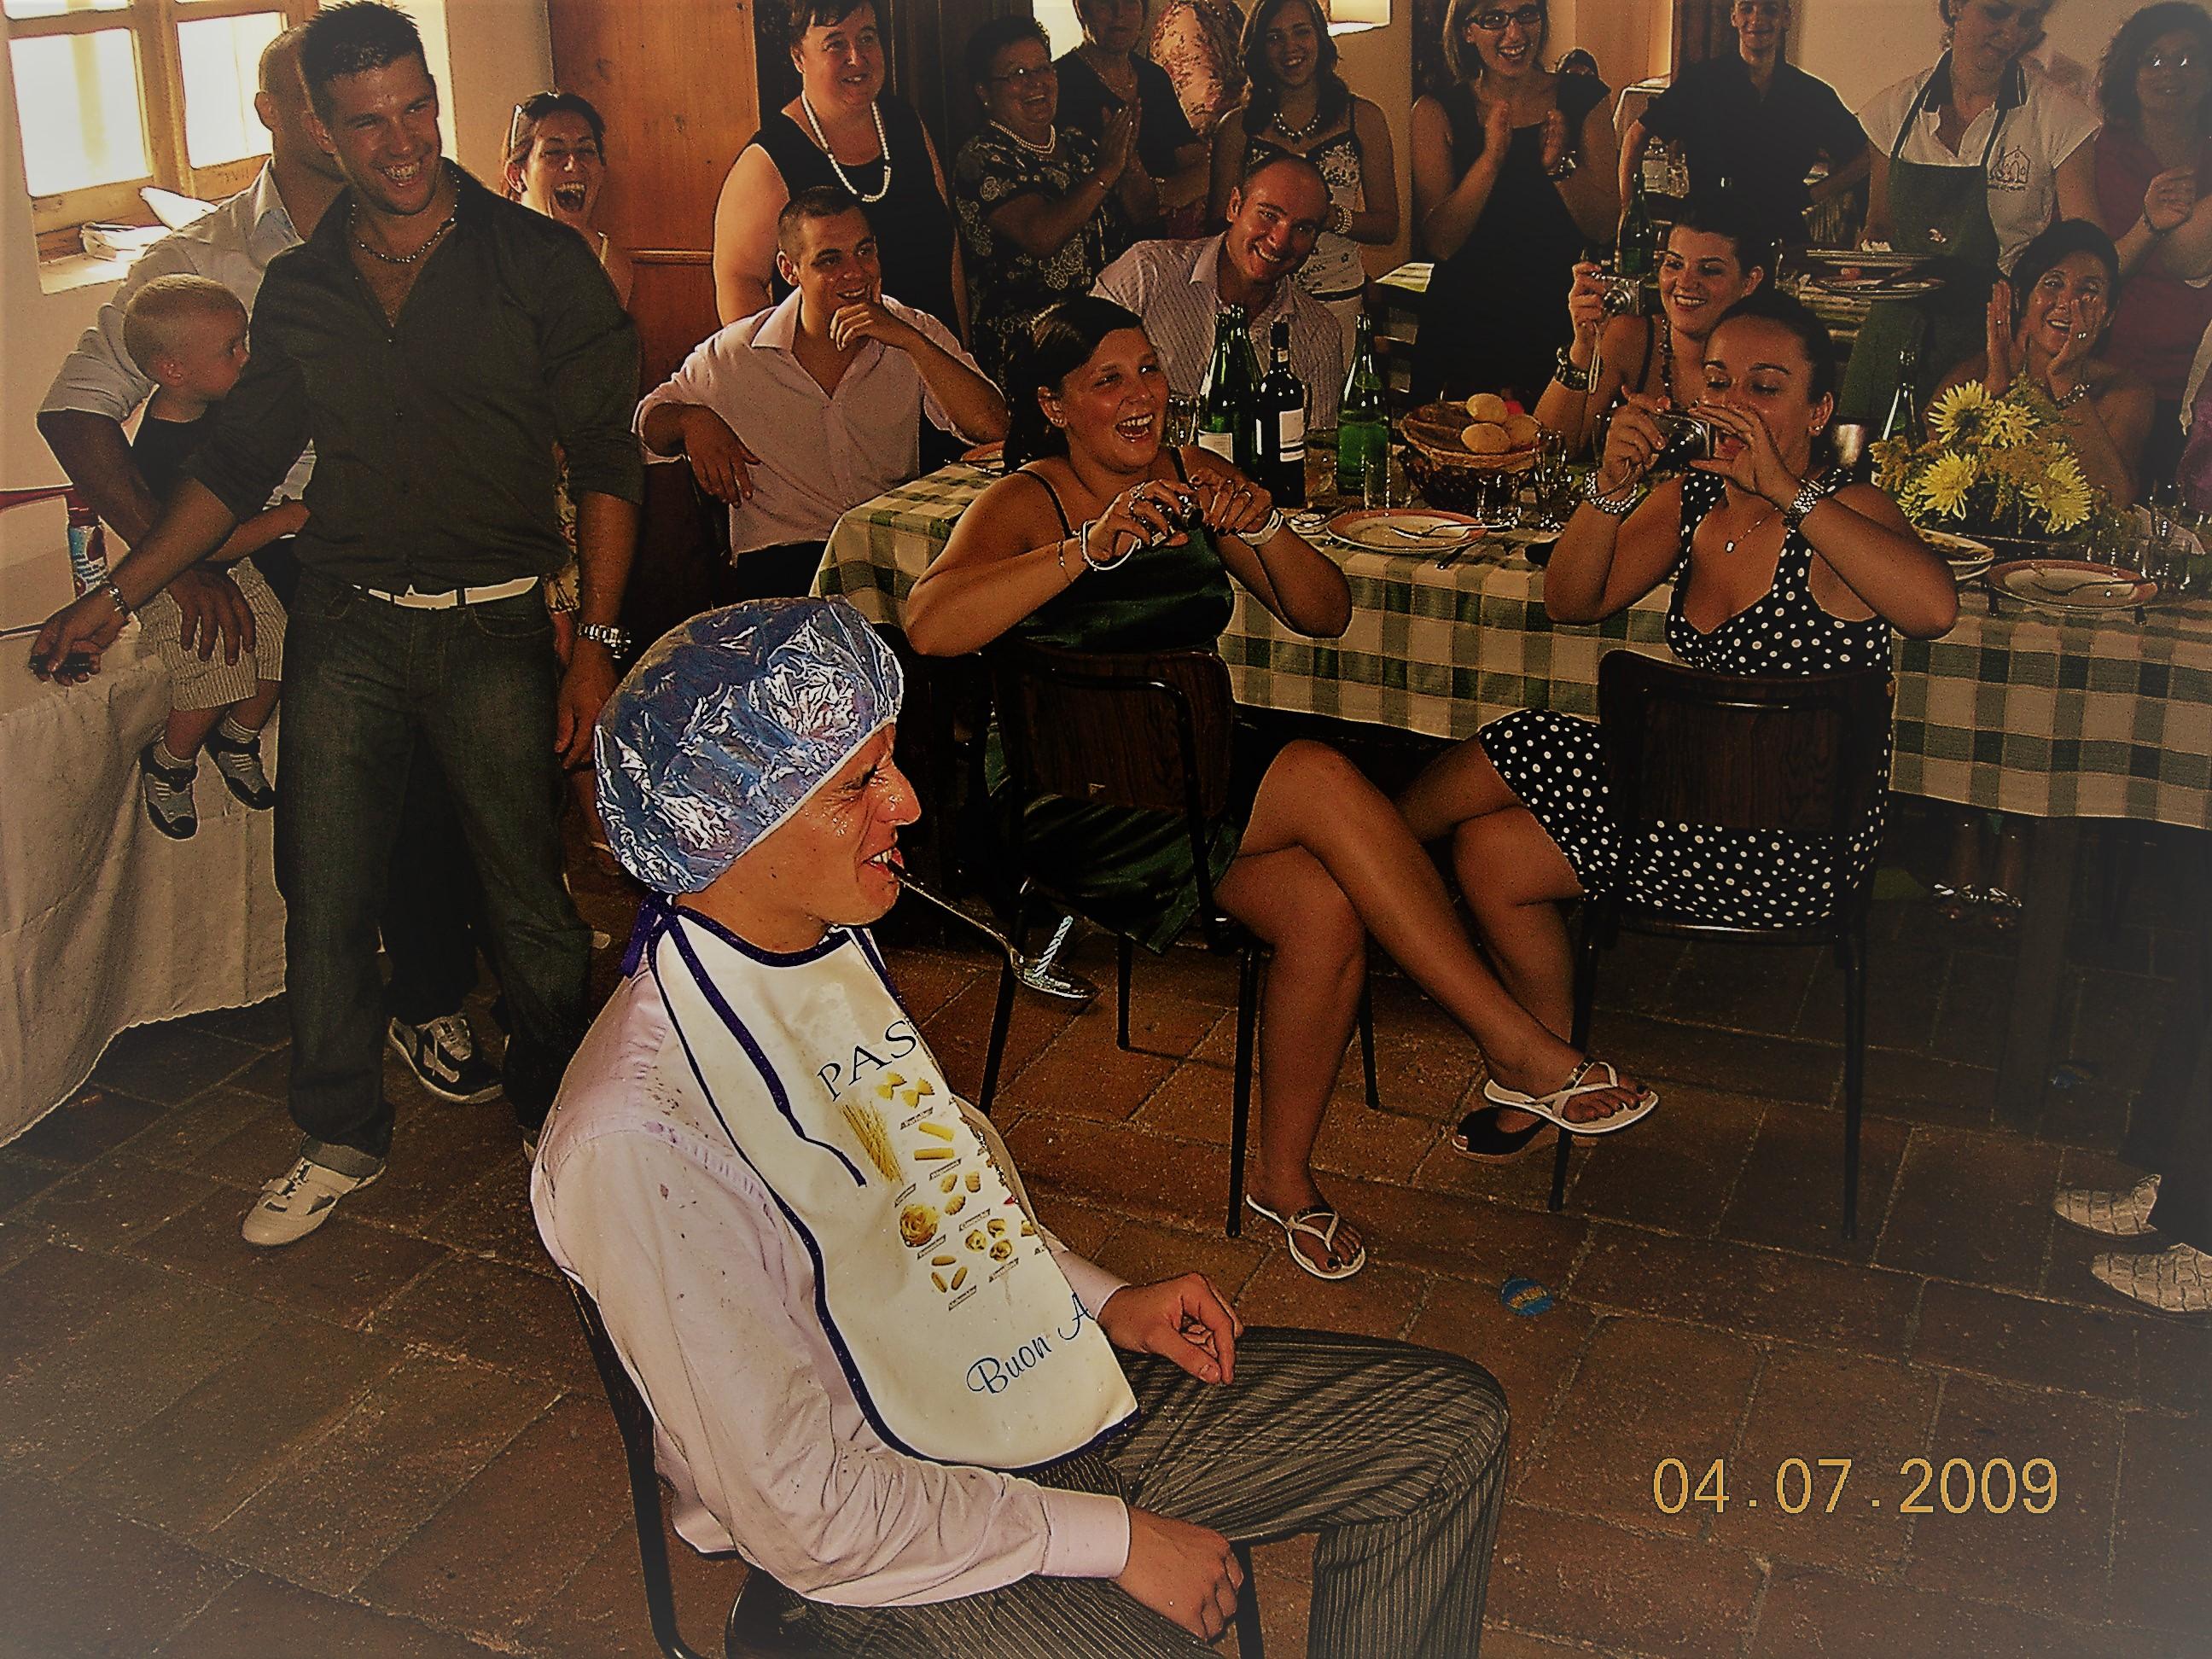 Oscar e Emanuela 04.07.2009 - 088.JPG